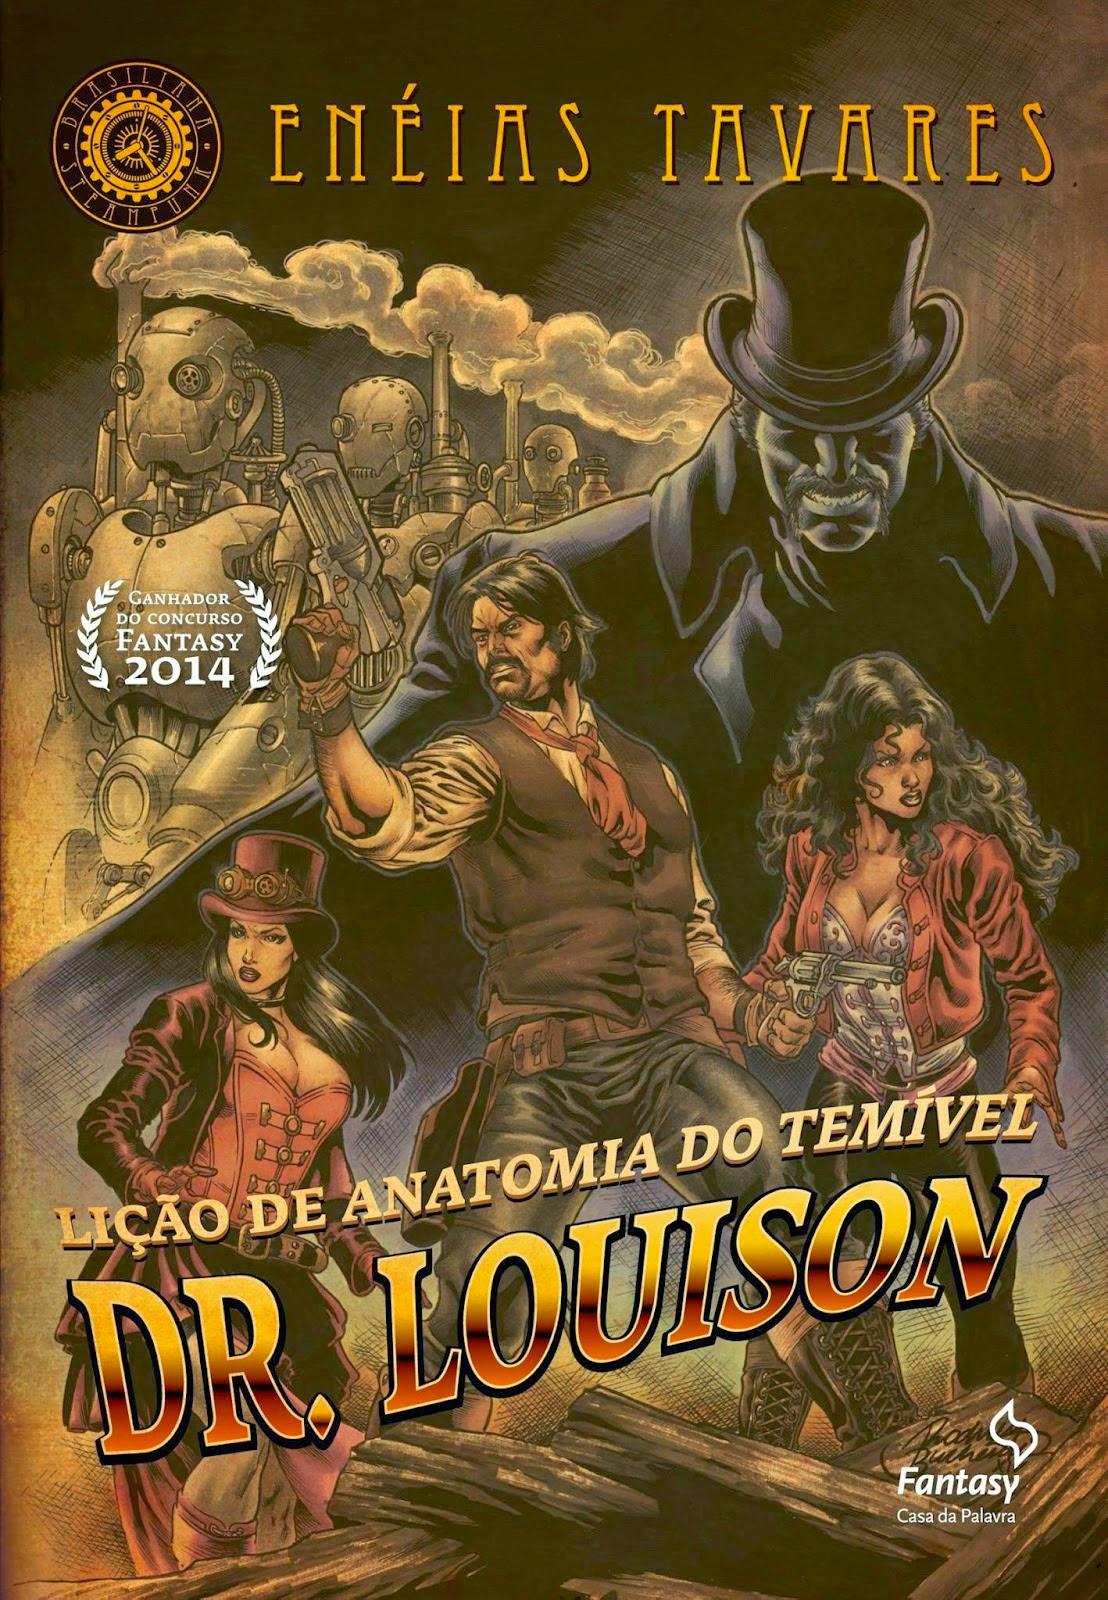 Resenha do livro Lição de anatomia do temível Dr. Louison